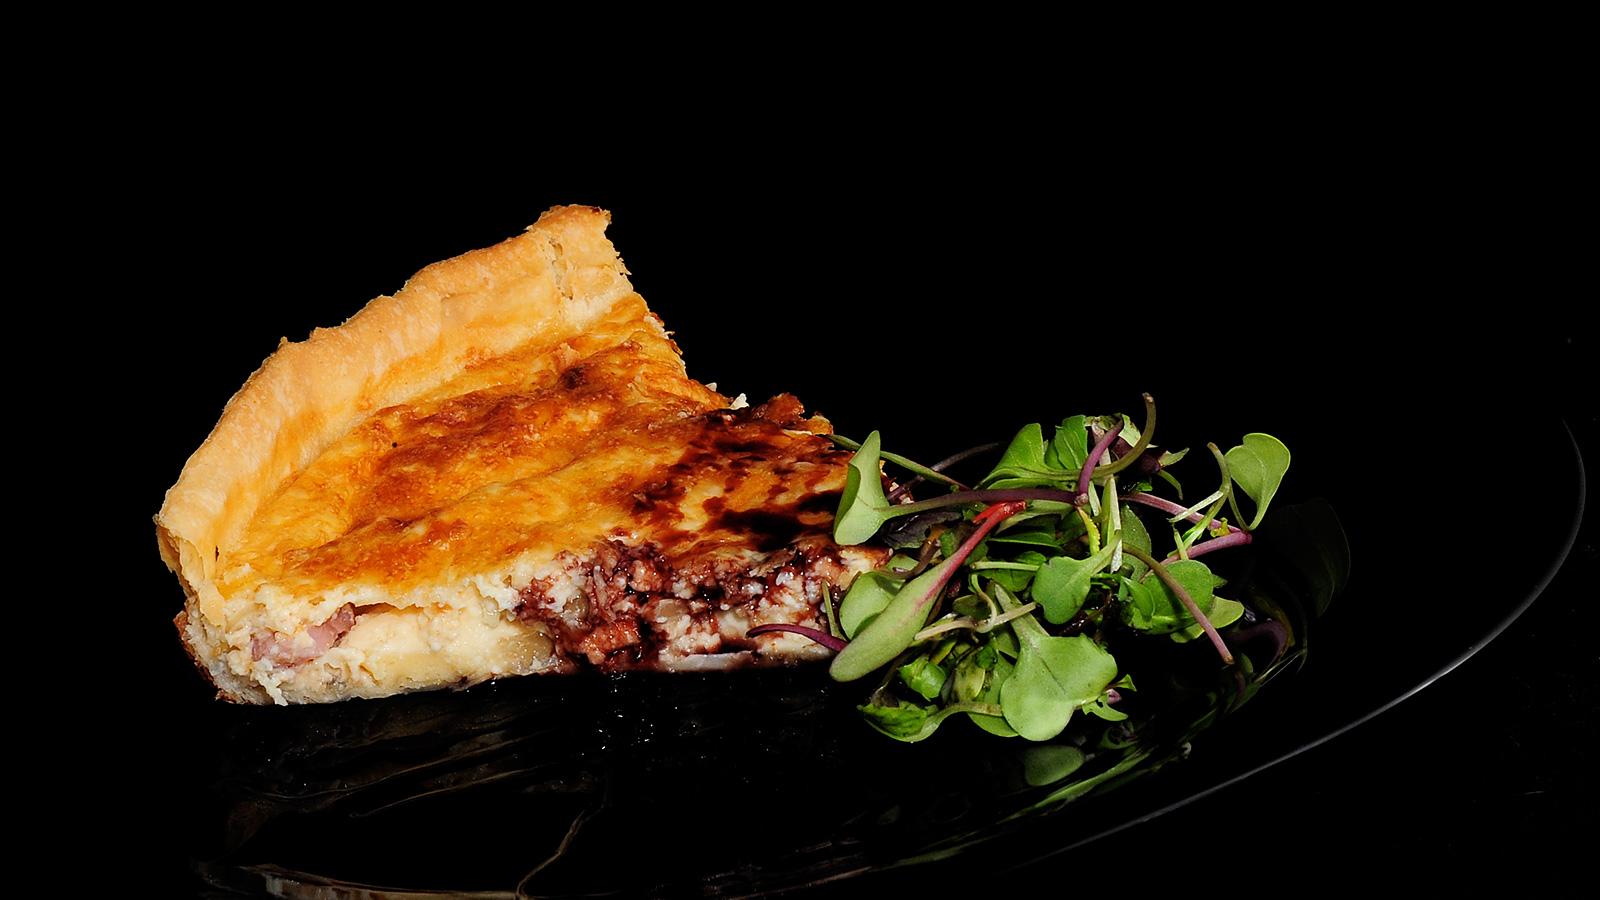 Quiche lorraine sergio fern ndez receta canal cocina for Cocineros de canal cocina